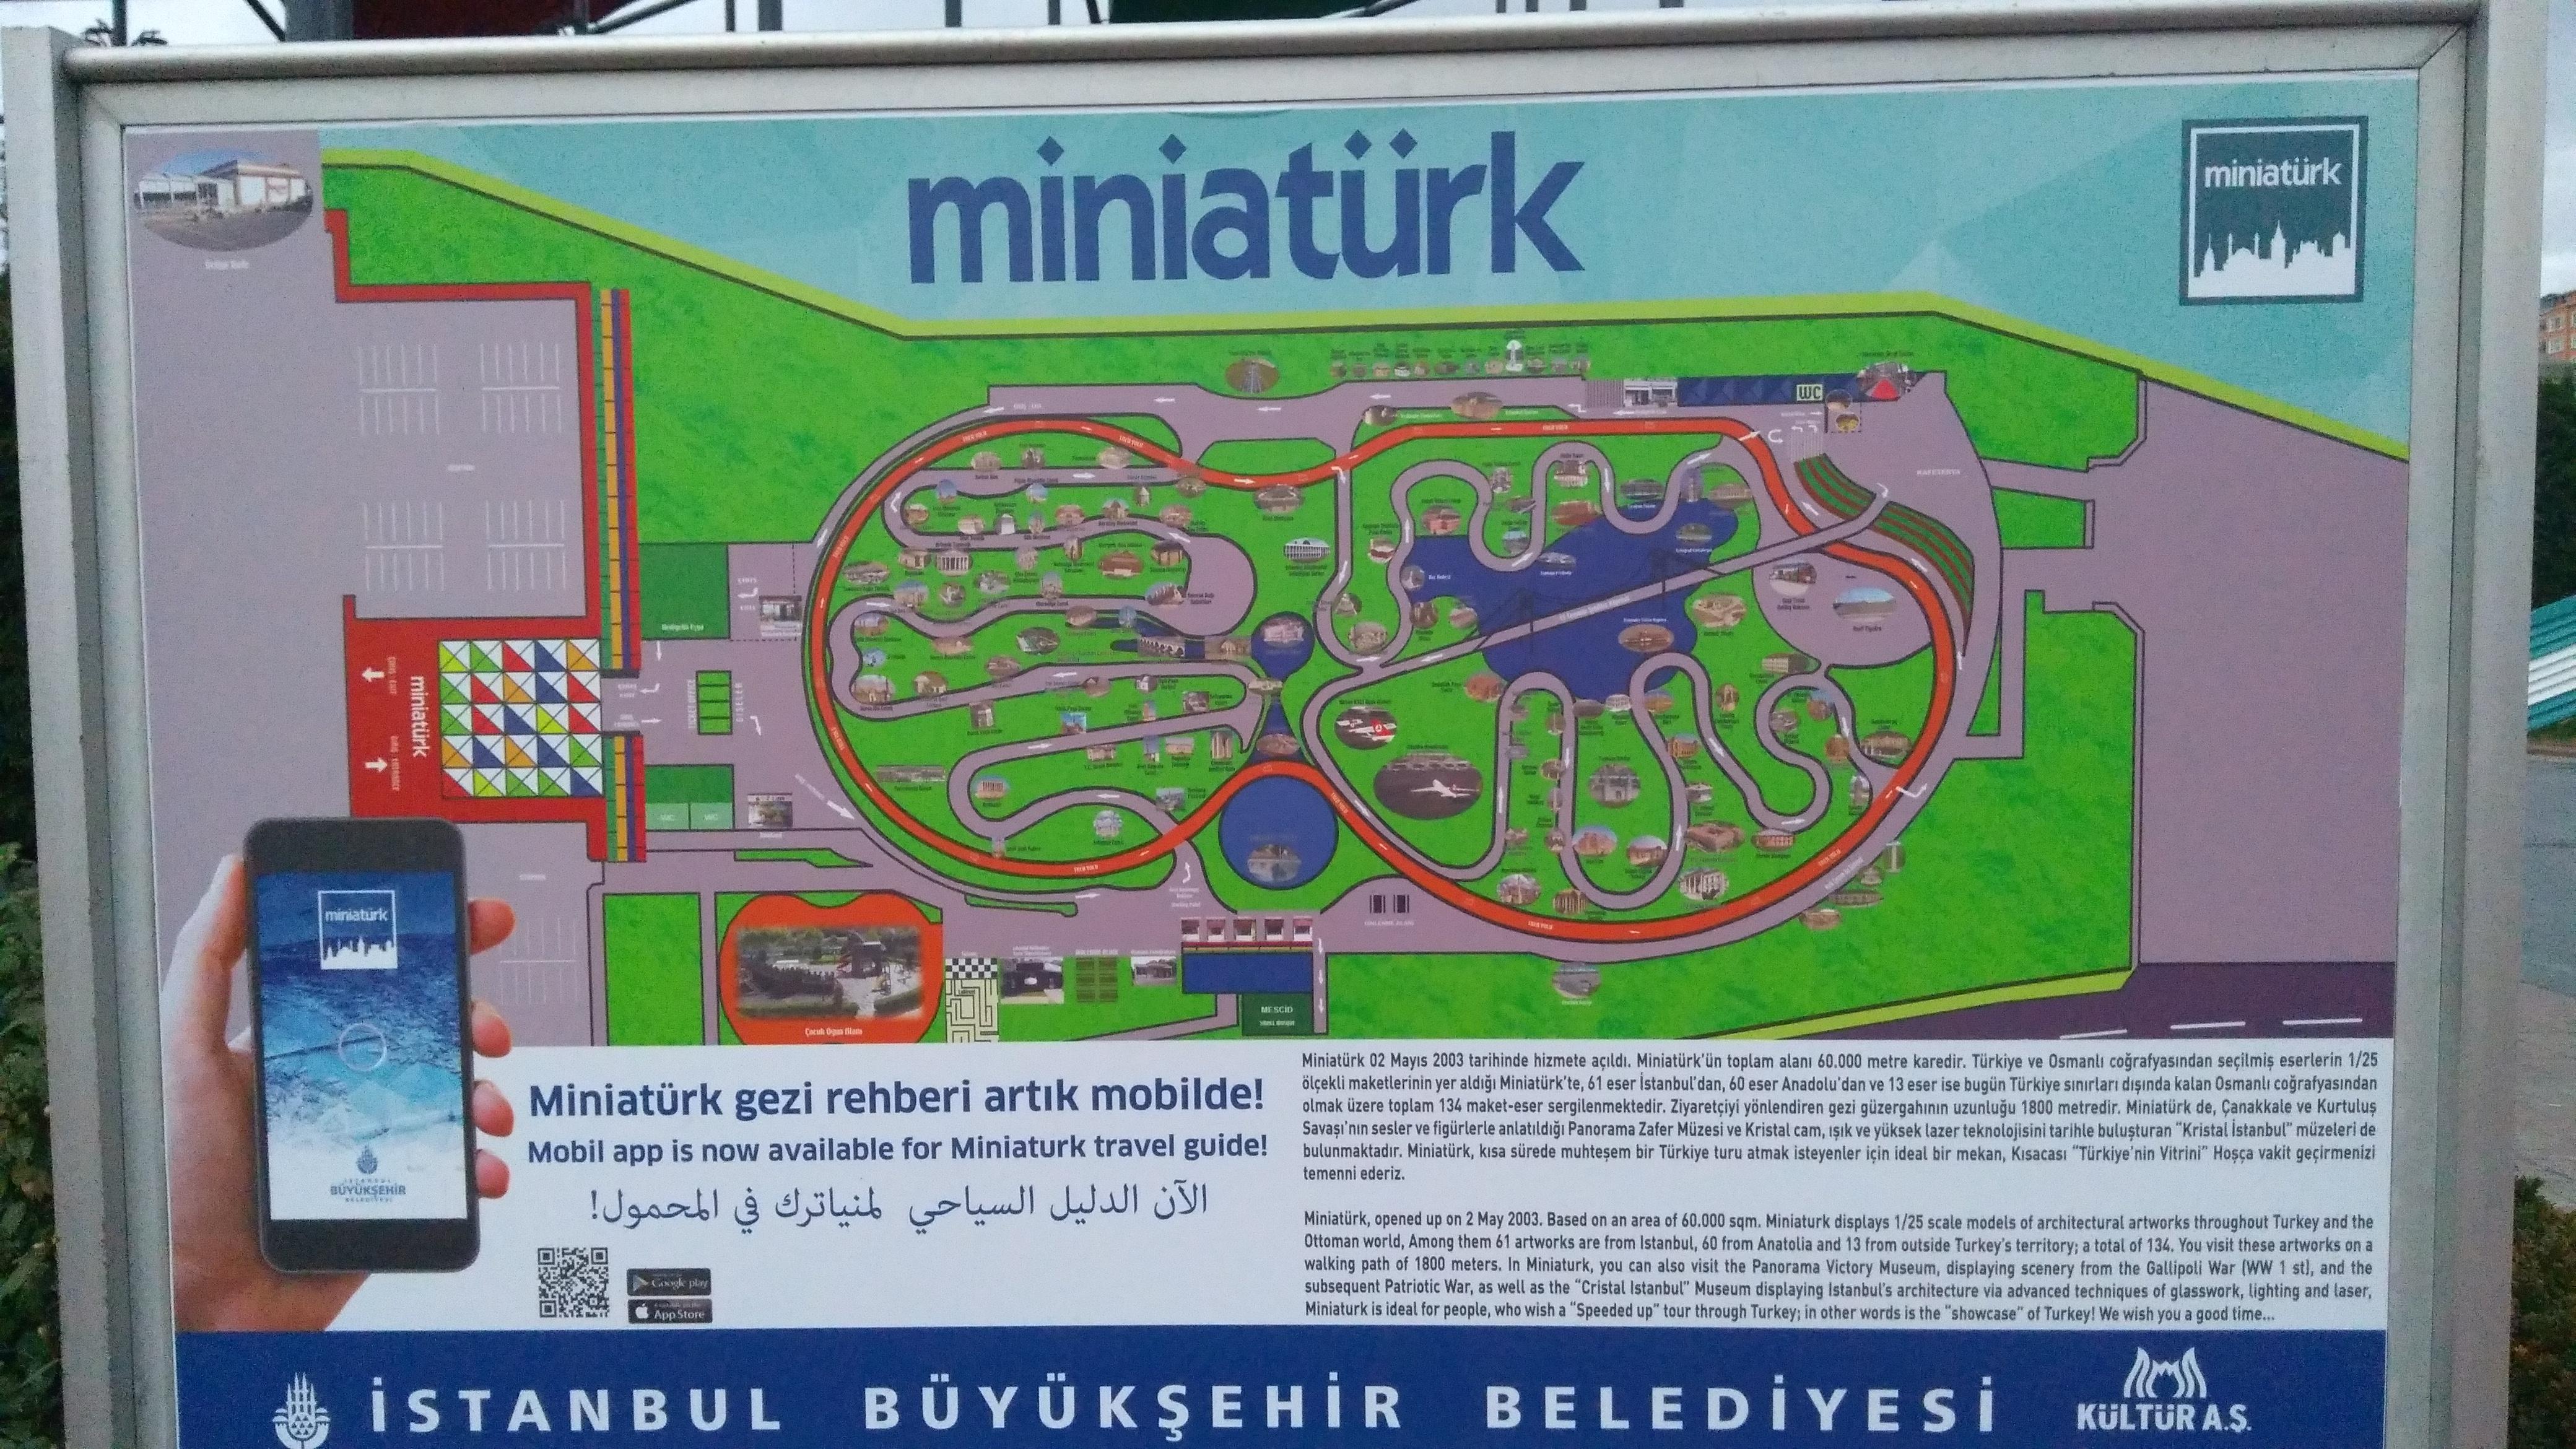 Miniatürk Gezi Haritası